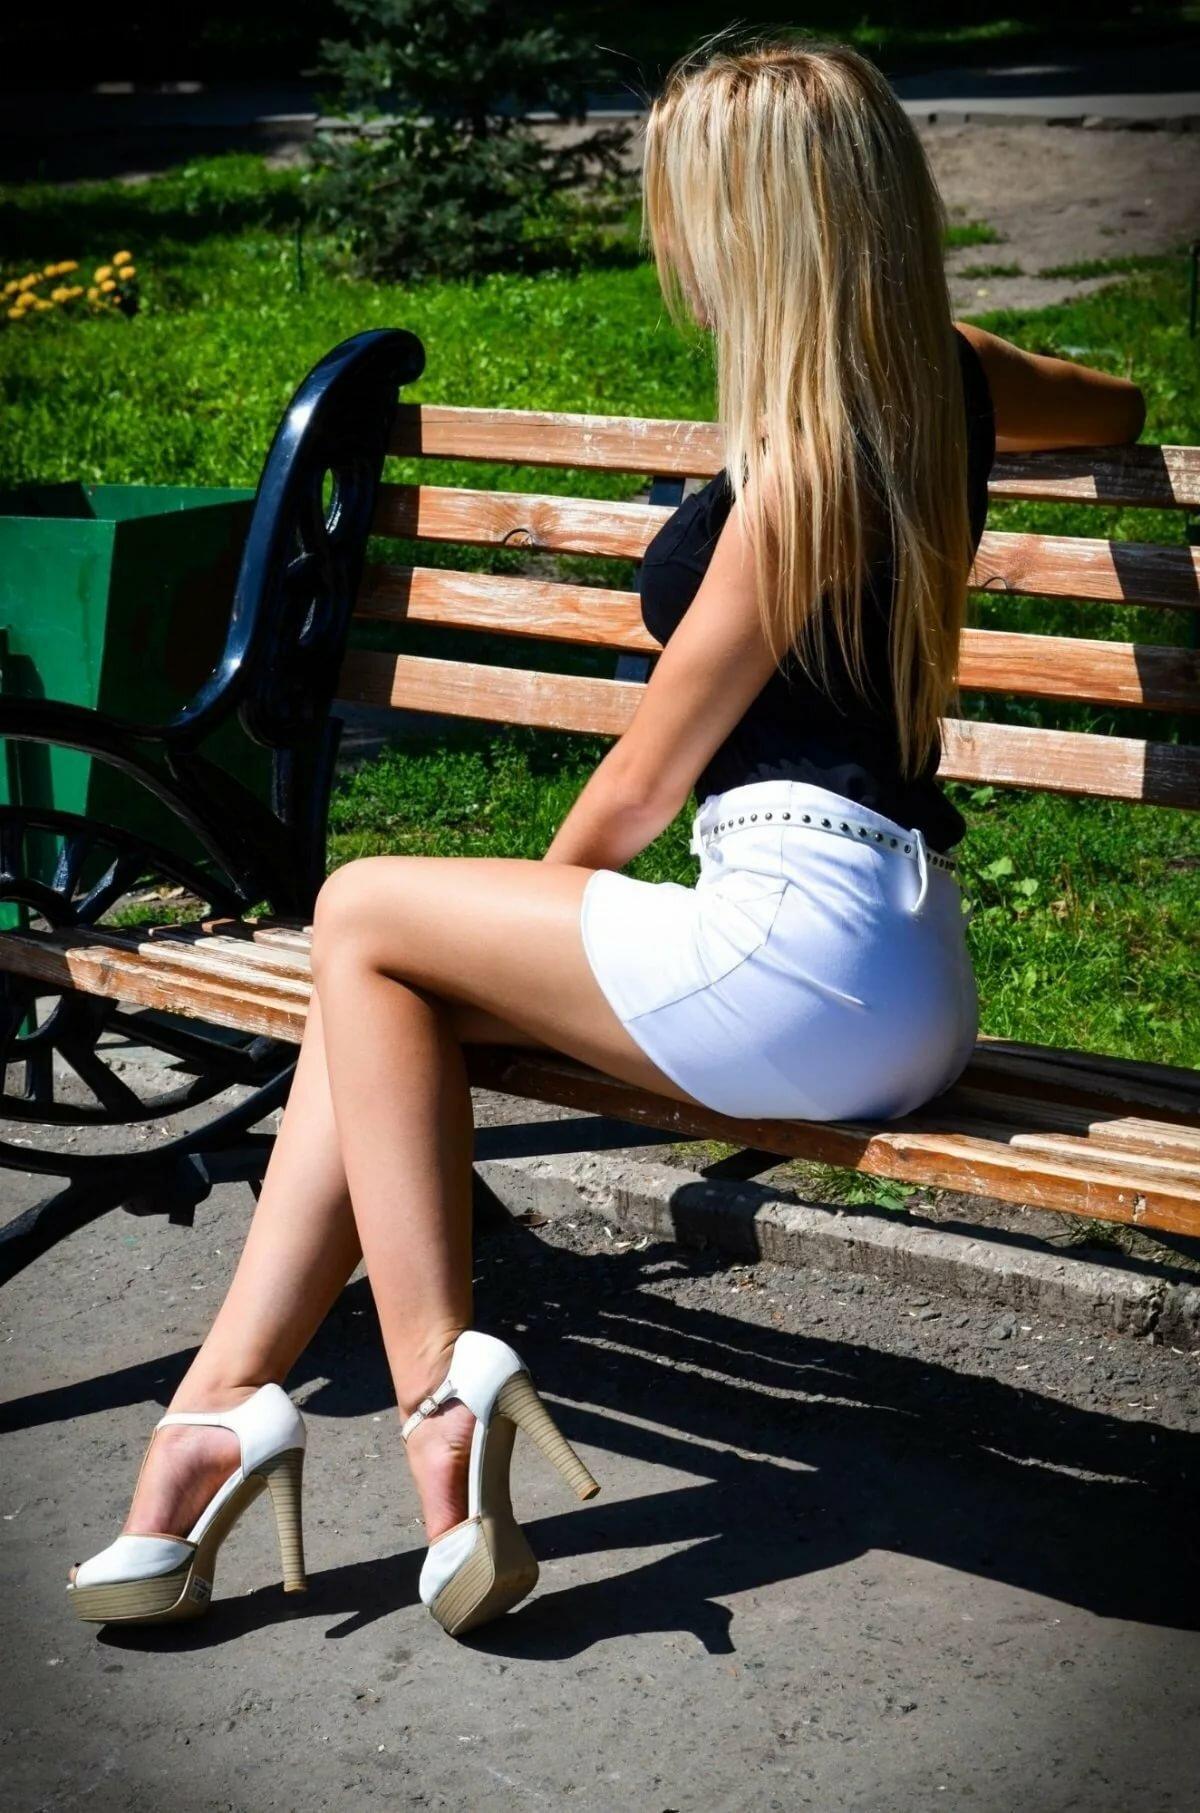 опытные зрелые красивая девушка с длинными ножками в короткой юбочке даши